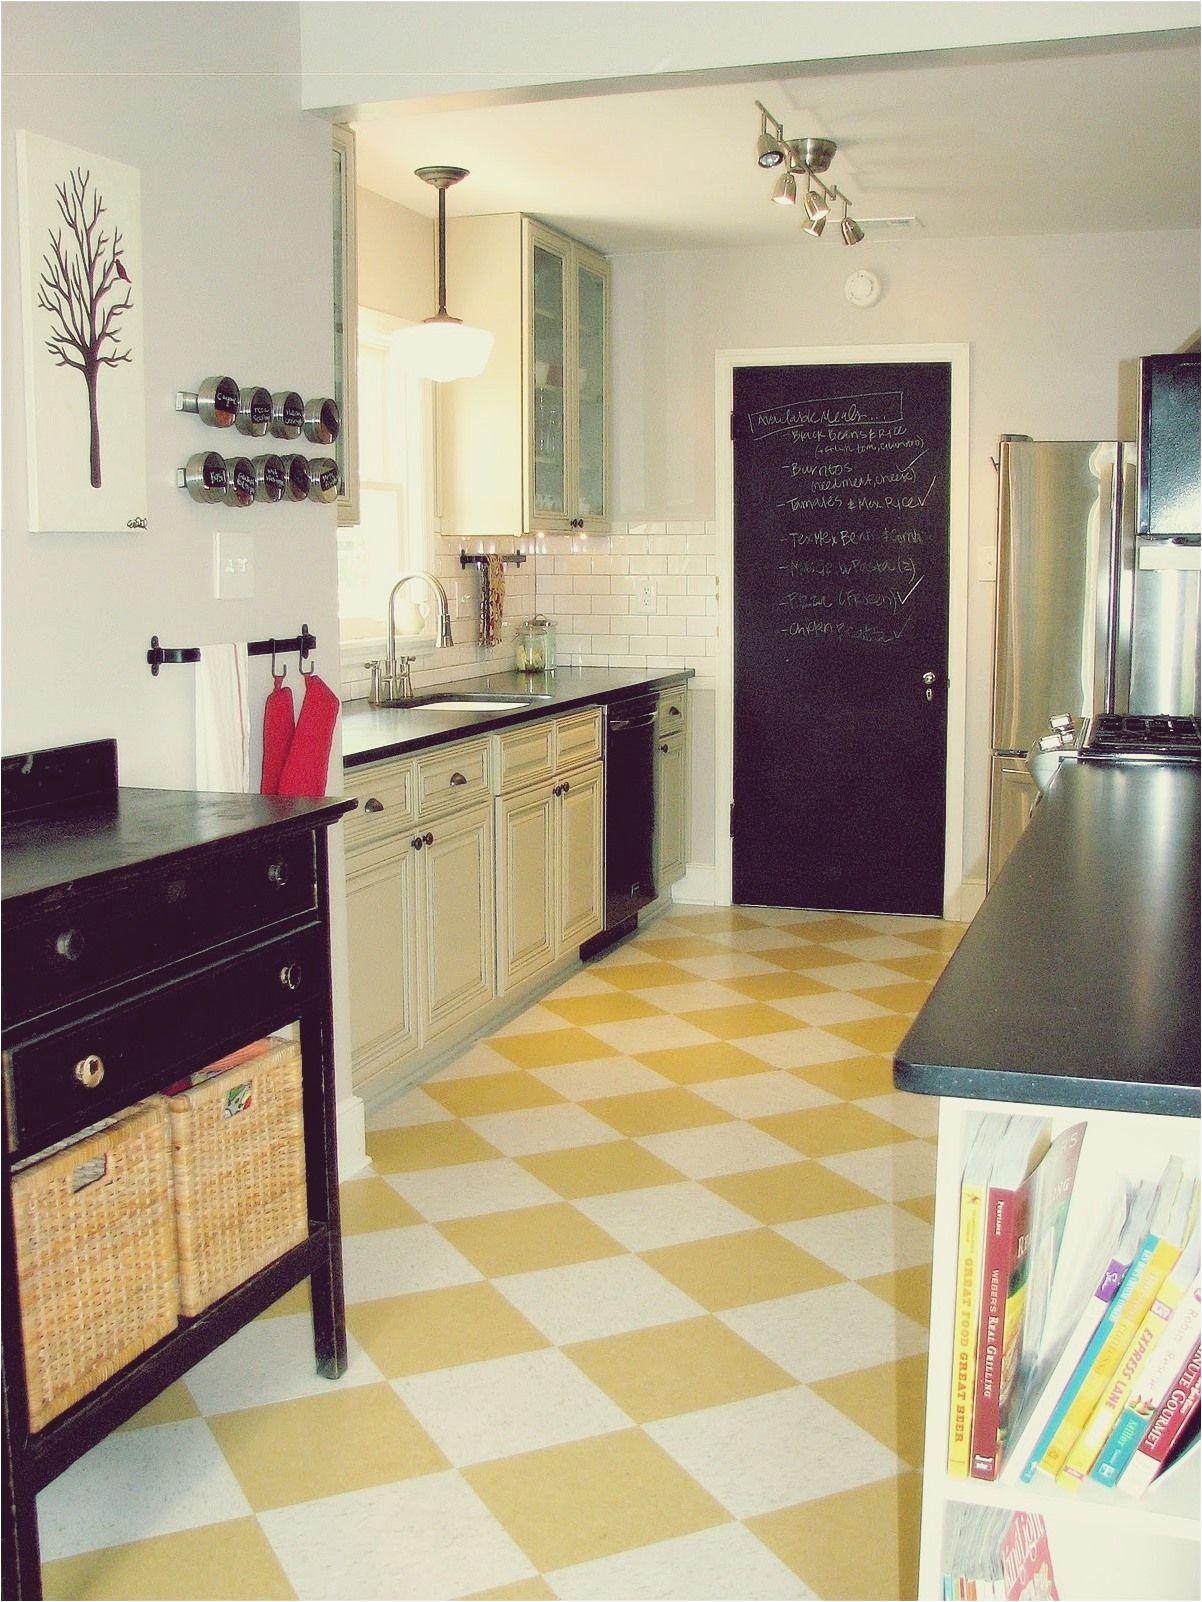 Der Beste Küchenboden Pin Auf Kuche Deko